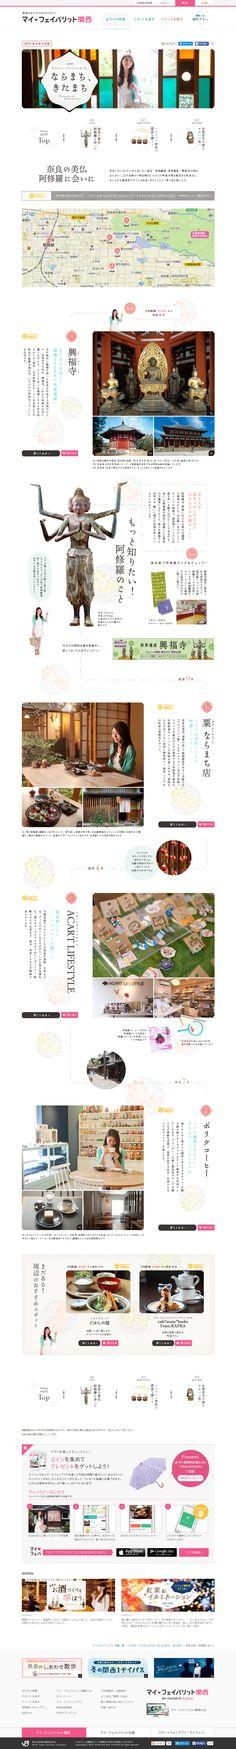 【特集Vol.97】奈良の美仏 阿修羅に会いに:3つのテーマでのんびりめぐる ならまち、きたまち:マイ・フェイバリット関西.png